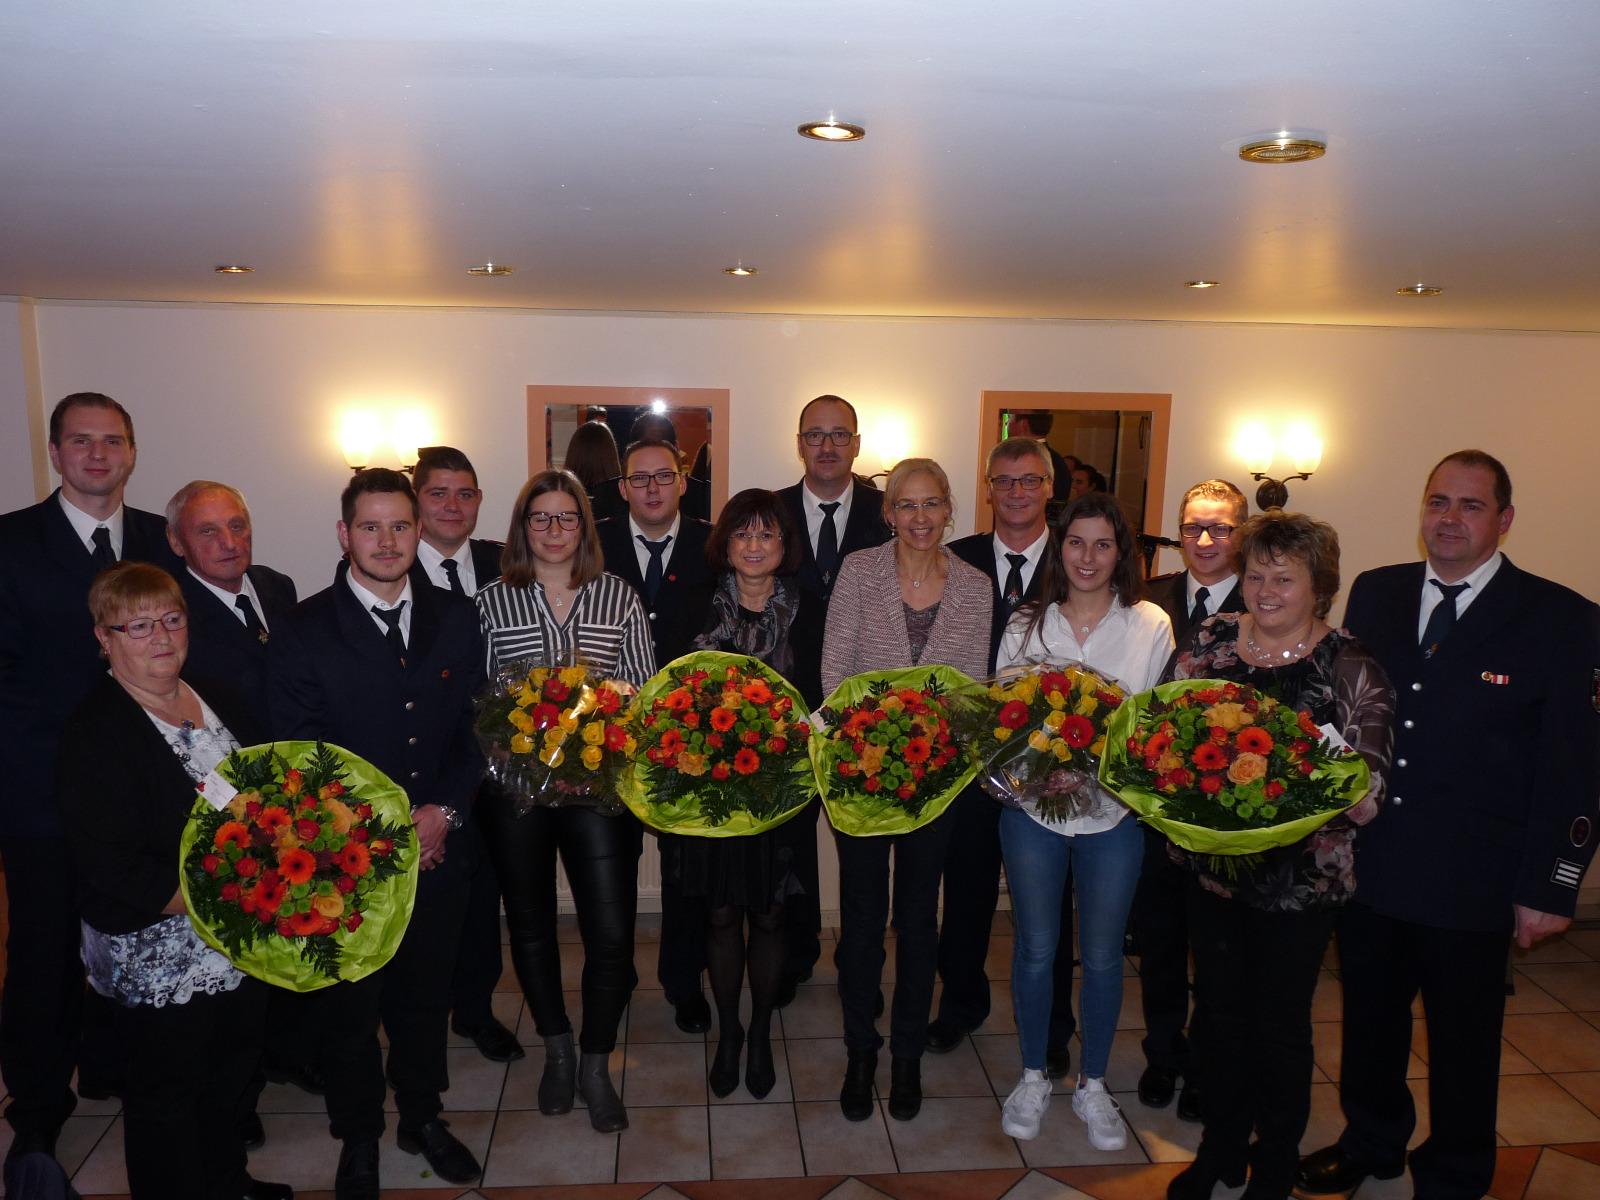 <p>Am 24.11.2018 feiert die Mitglieder der Löscheinheit Haaren in der Gaststätte Lutgen ihren Kameradschaftsabend. Nach [&hellip;]</p>